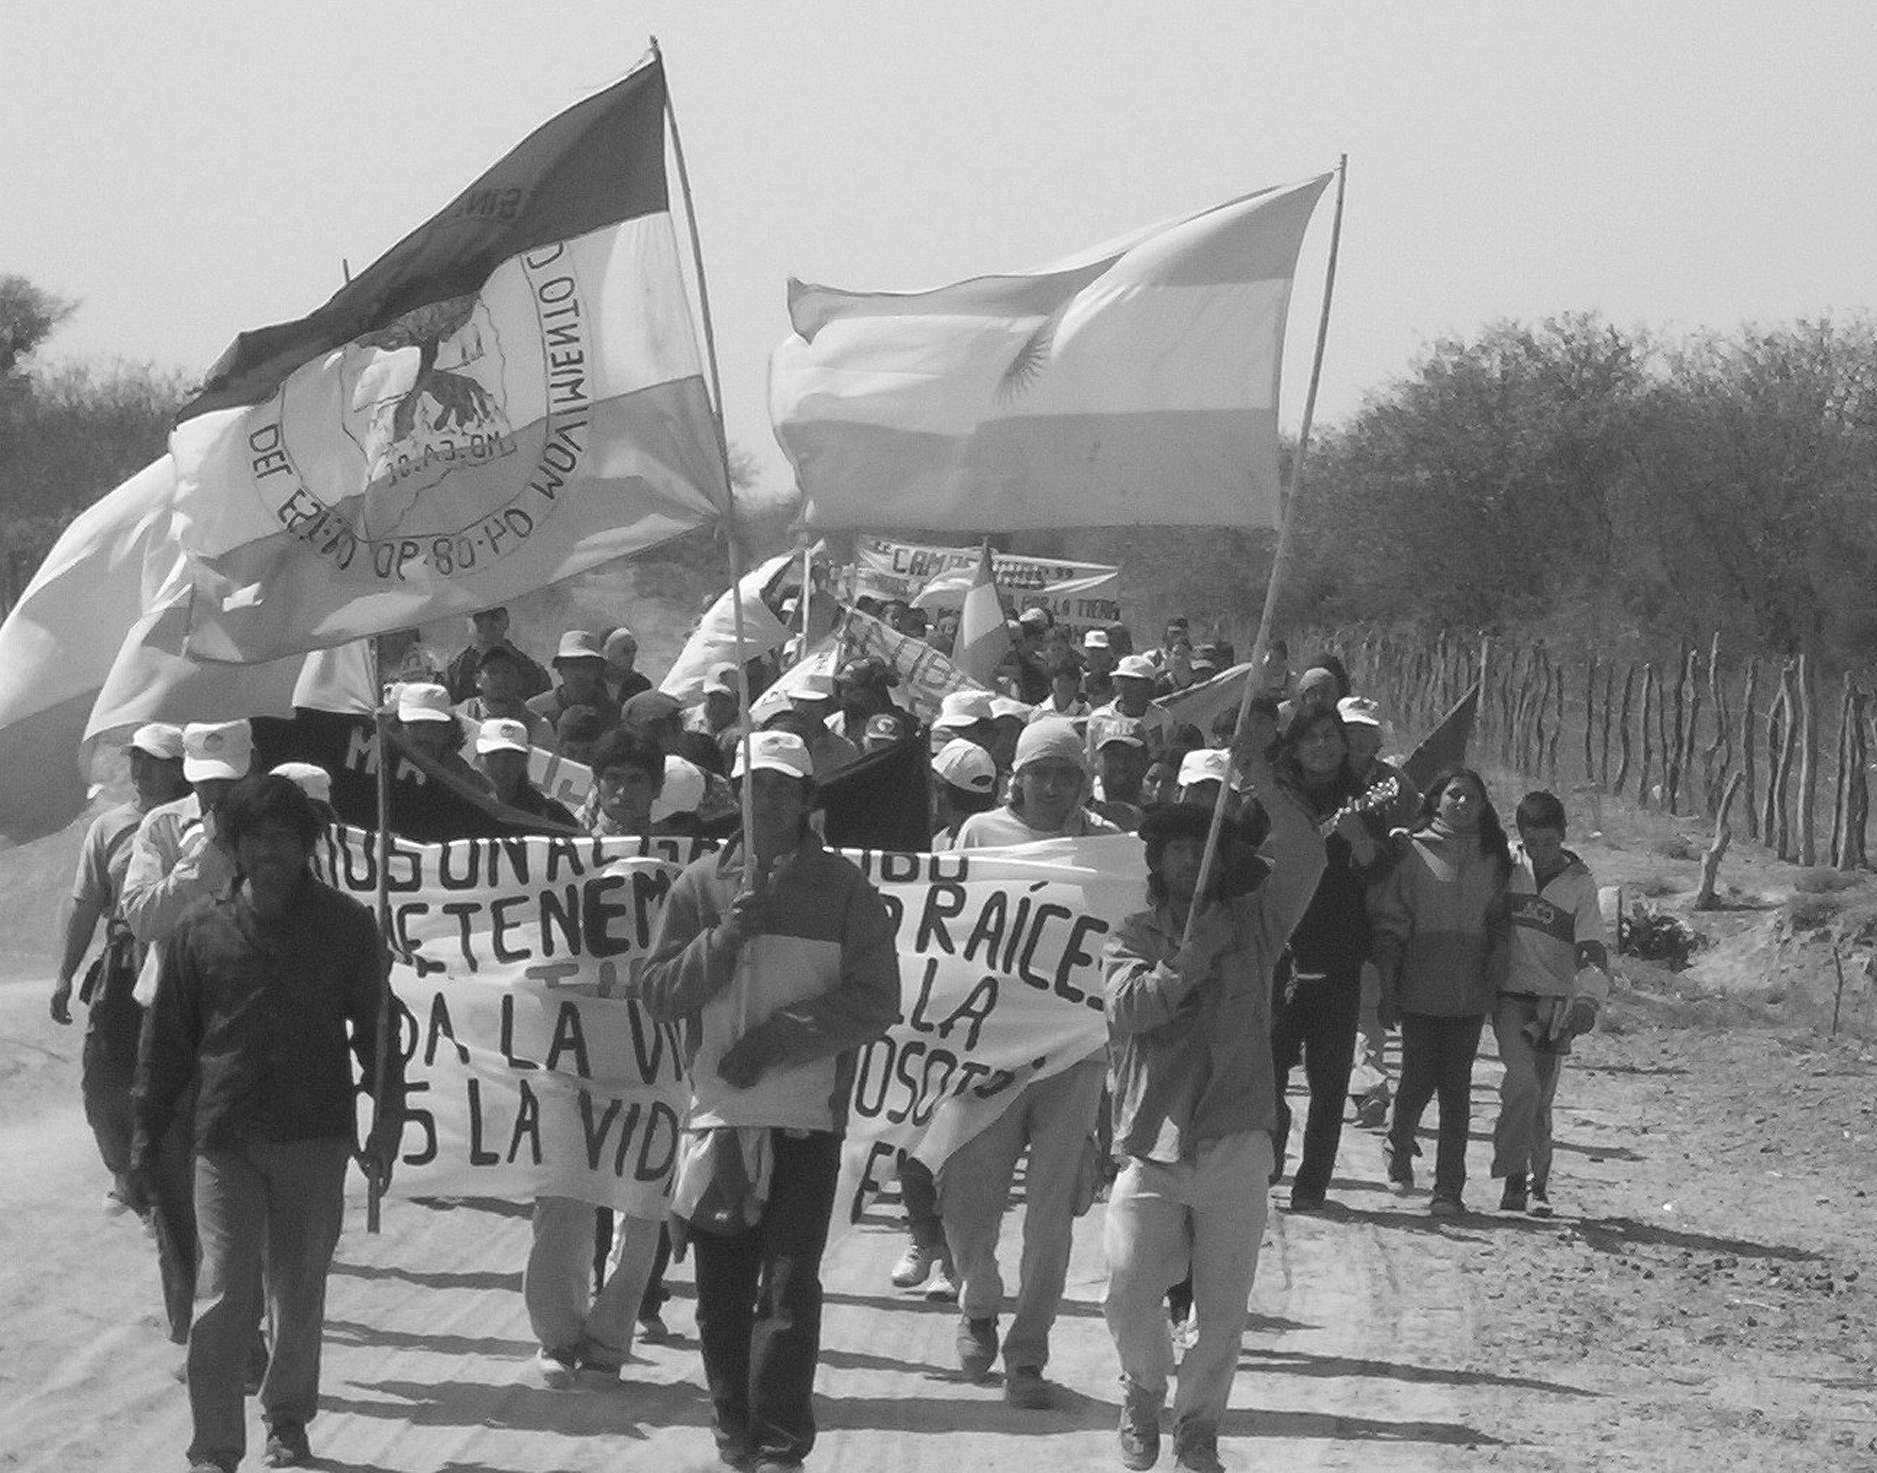 Familias del Mocase resisten embate empresarial en Vitiaca